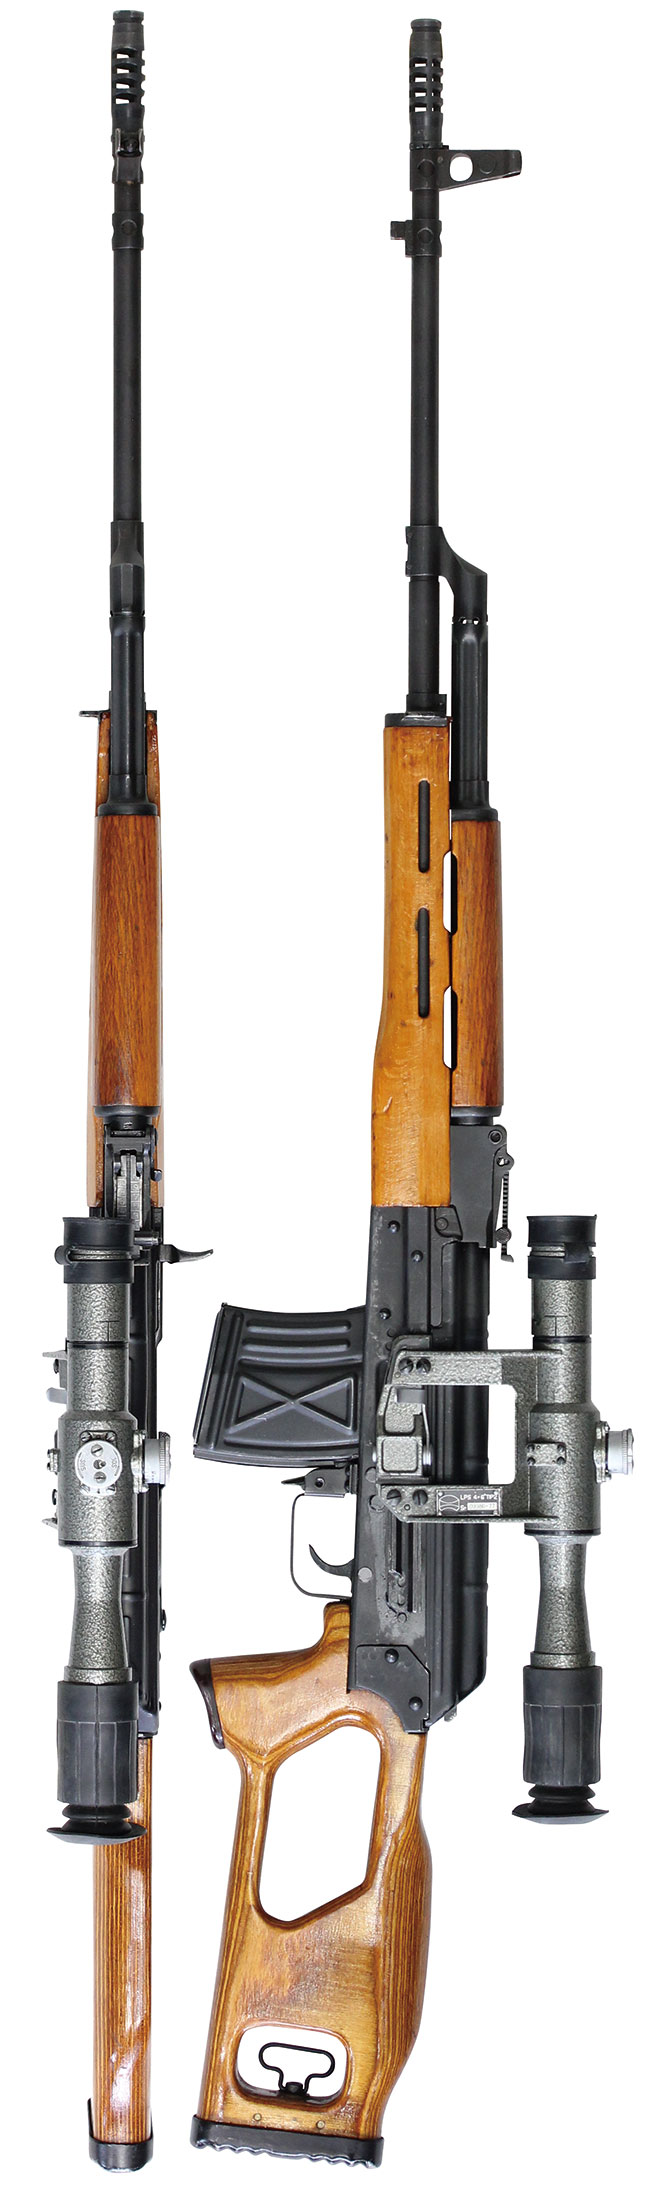 【5768】ルーマニア-FPK-狙撃銃-(#D-8416)左.jpg